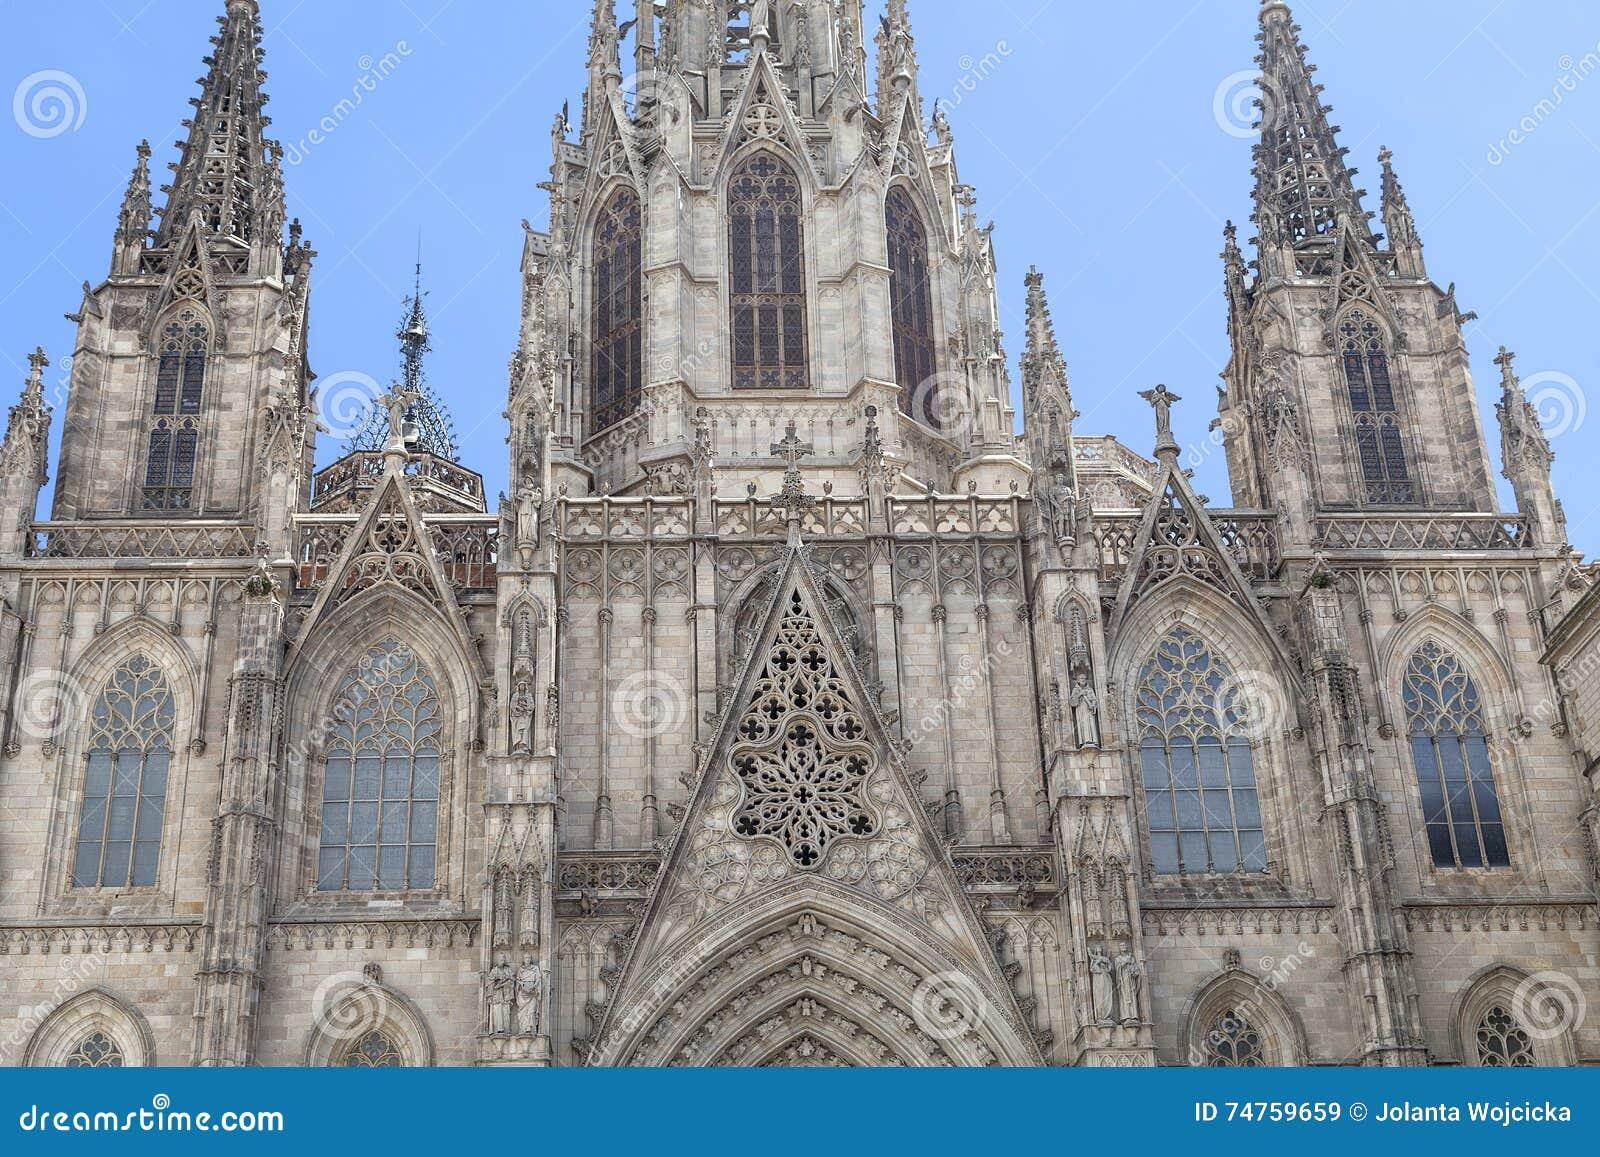 Λεπτομέρειες του καθεδρικού ναού της Βαρκελώνης στο γοτθικό τέταρτο, Ισπανία